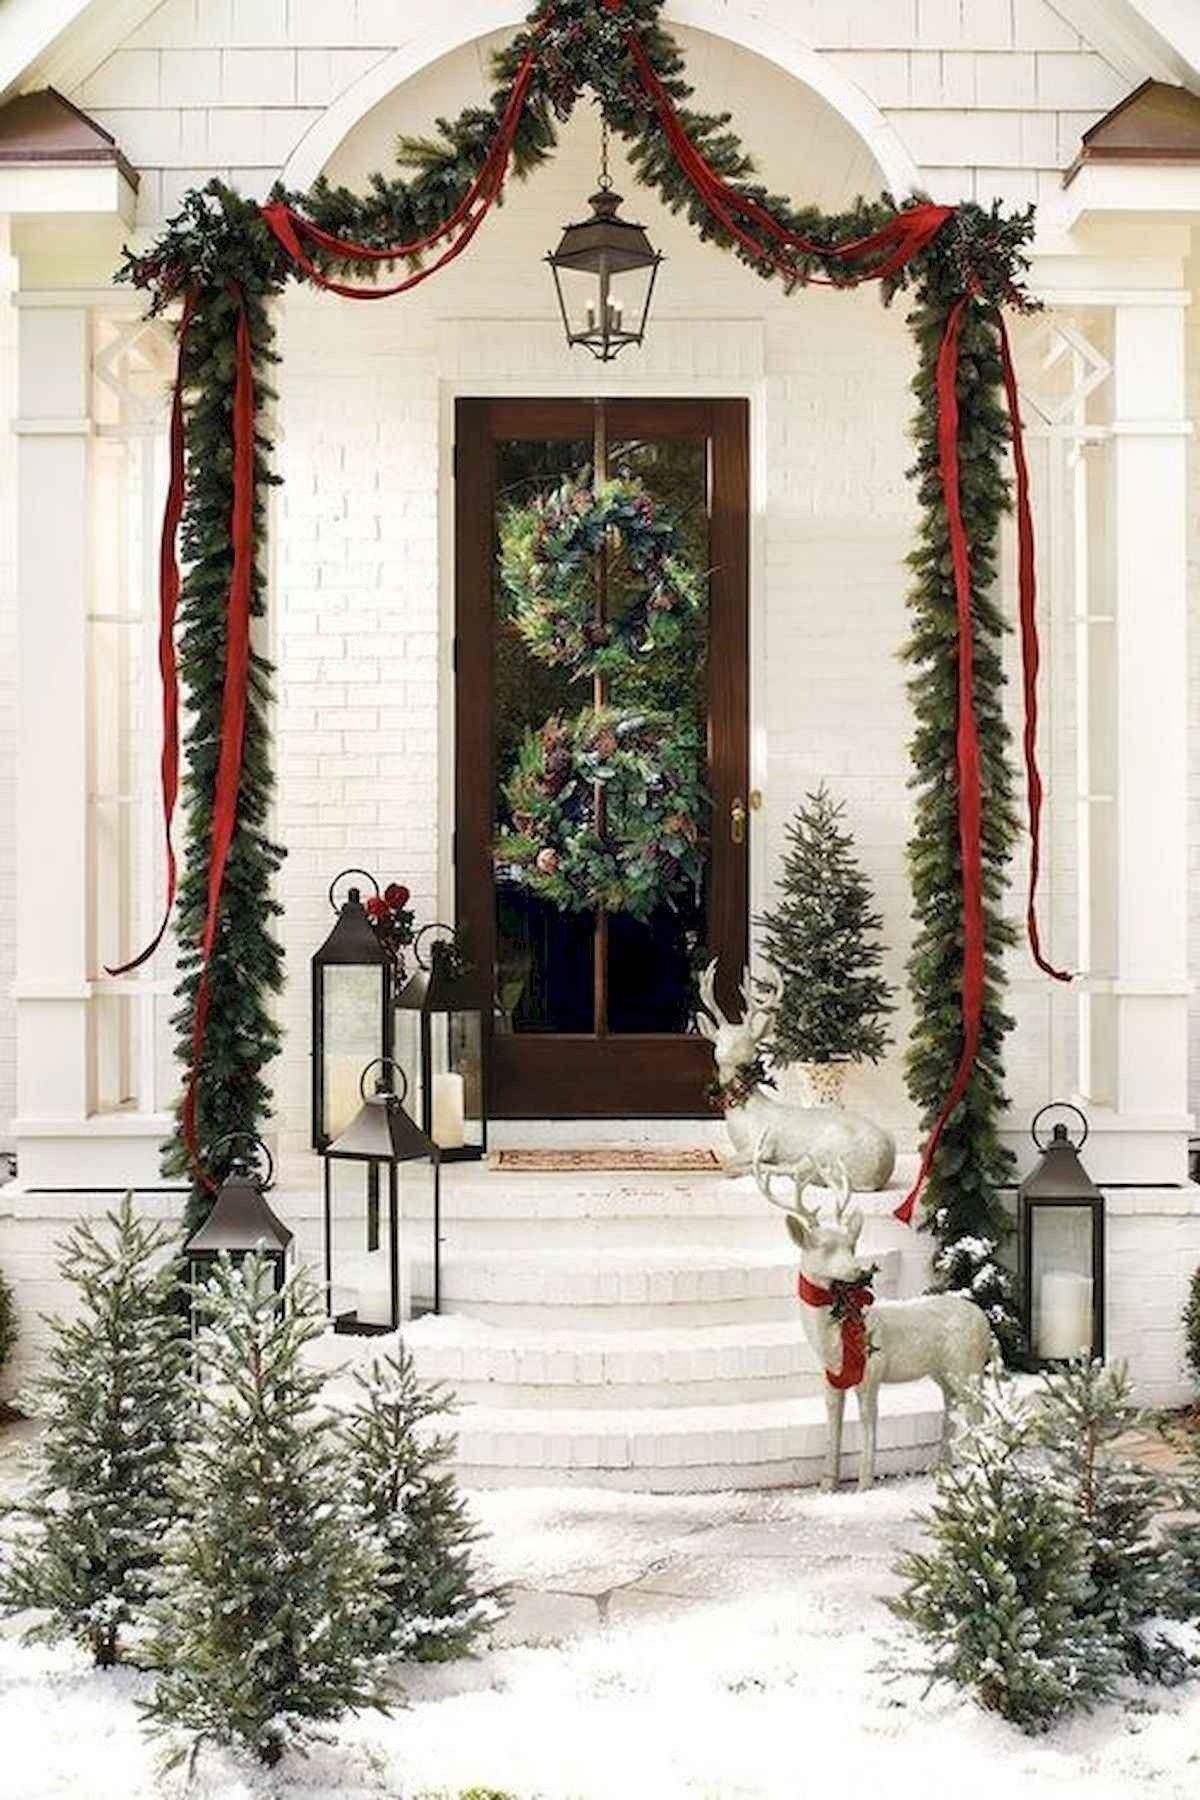 Outdoor Holiday Lighting Ideas Hanging Christmas Lights Christmas House Lights Colored Christmas Lights